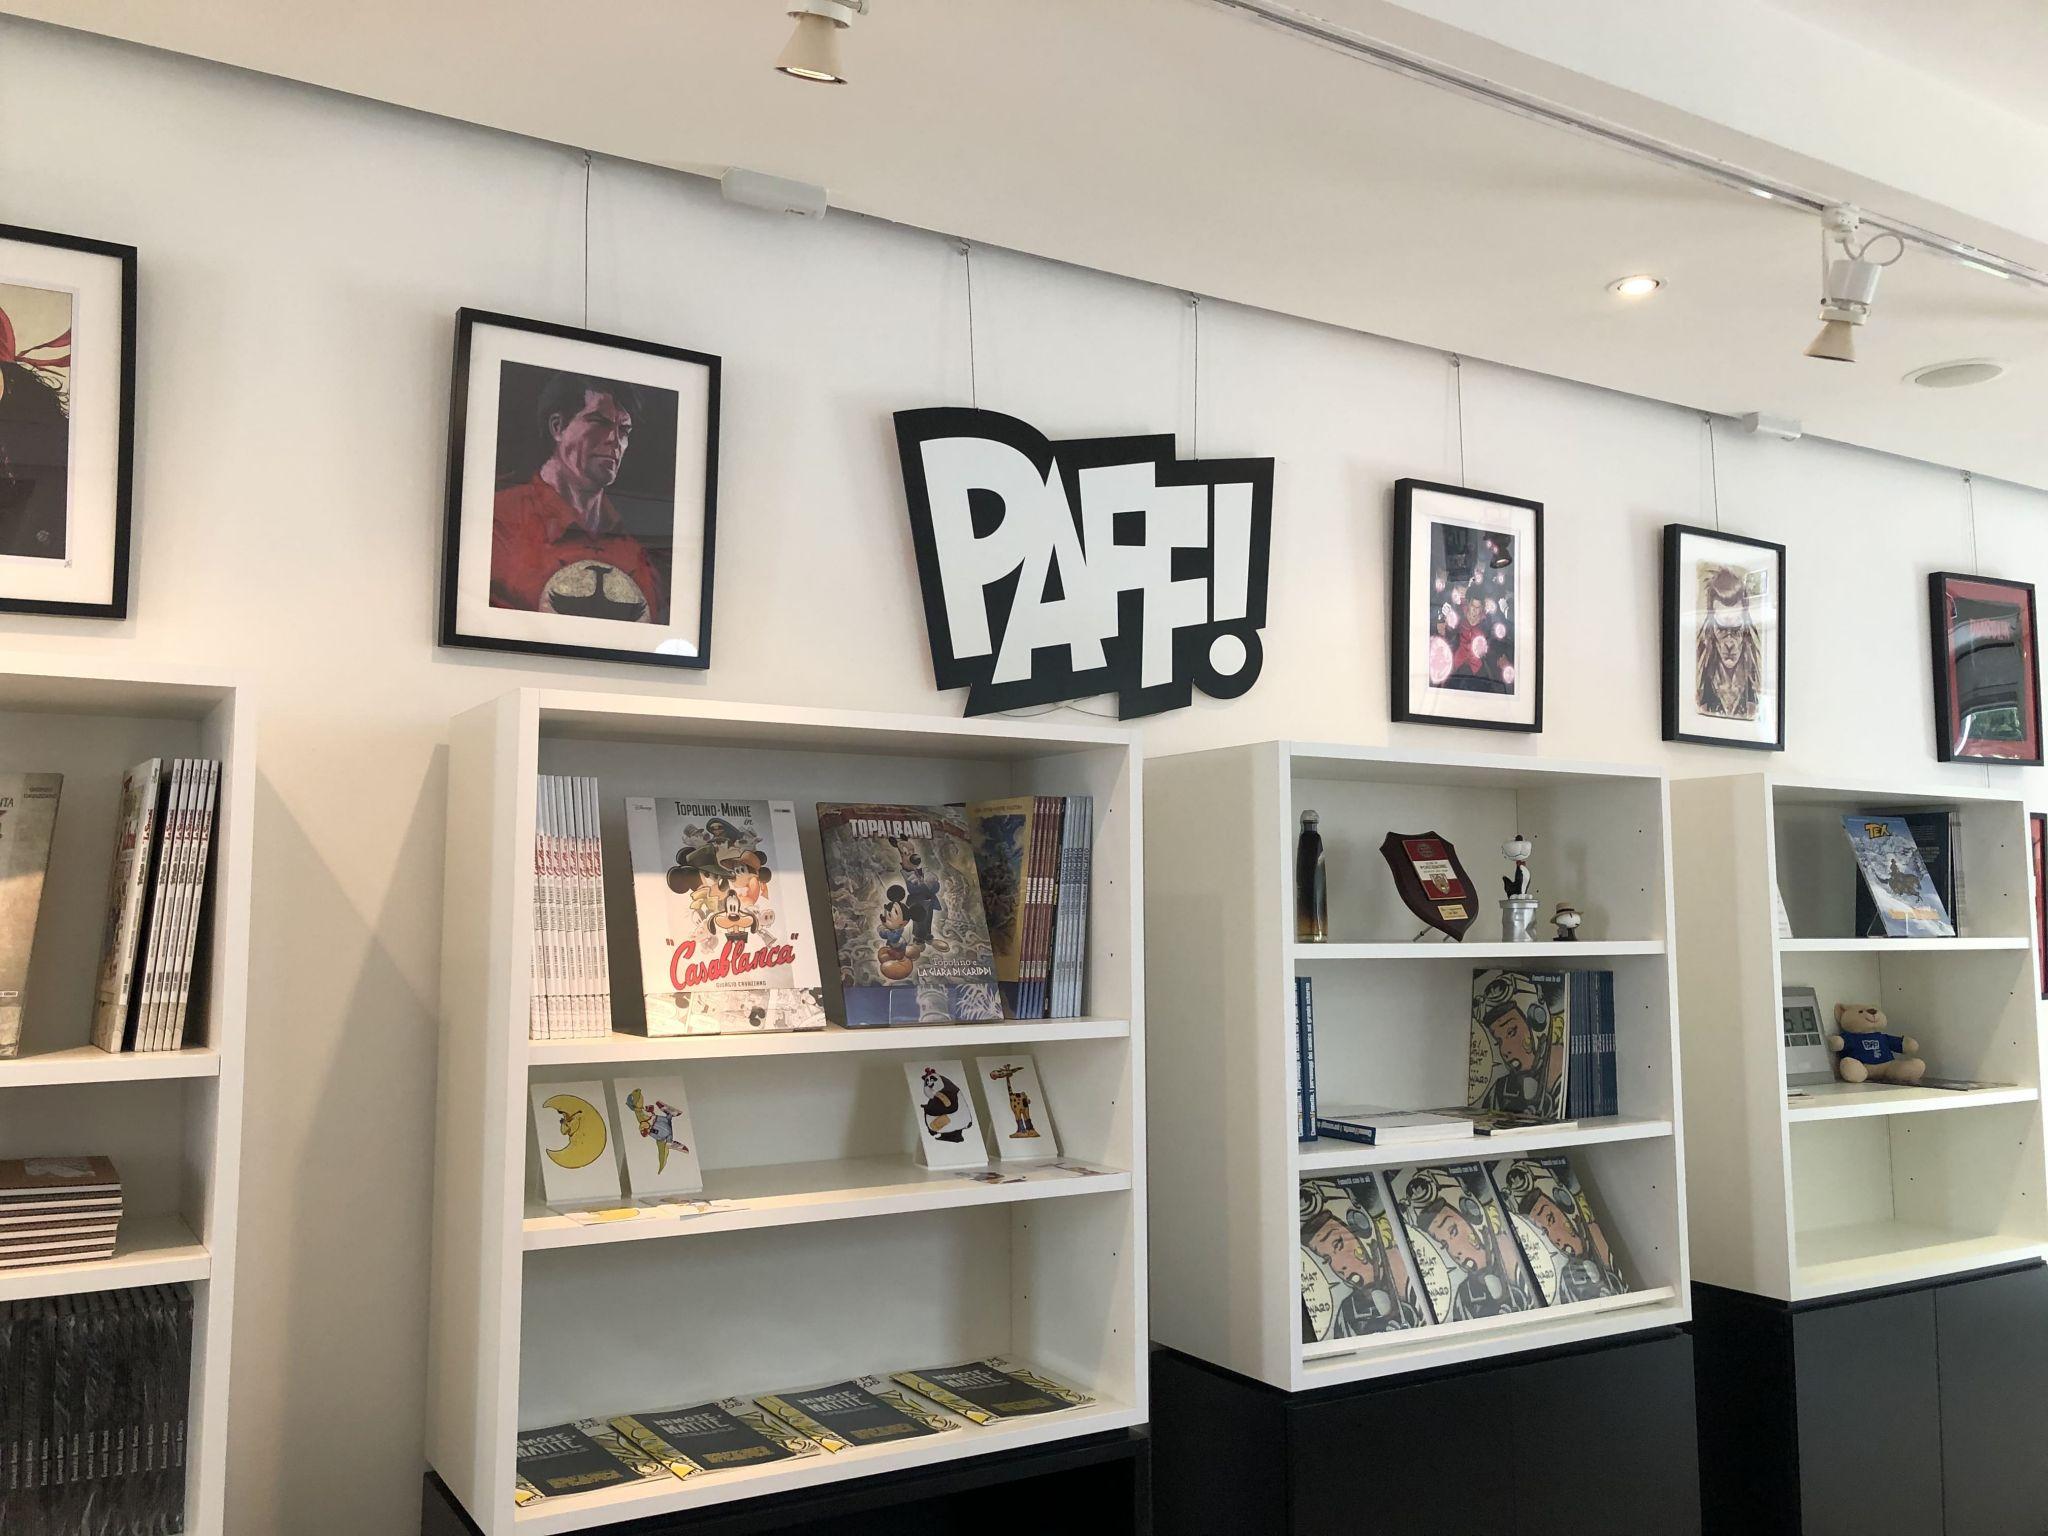 museo paff fumetti pordenone